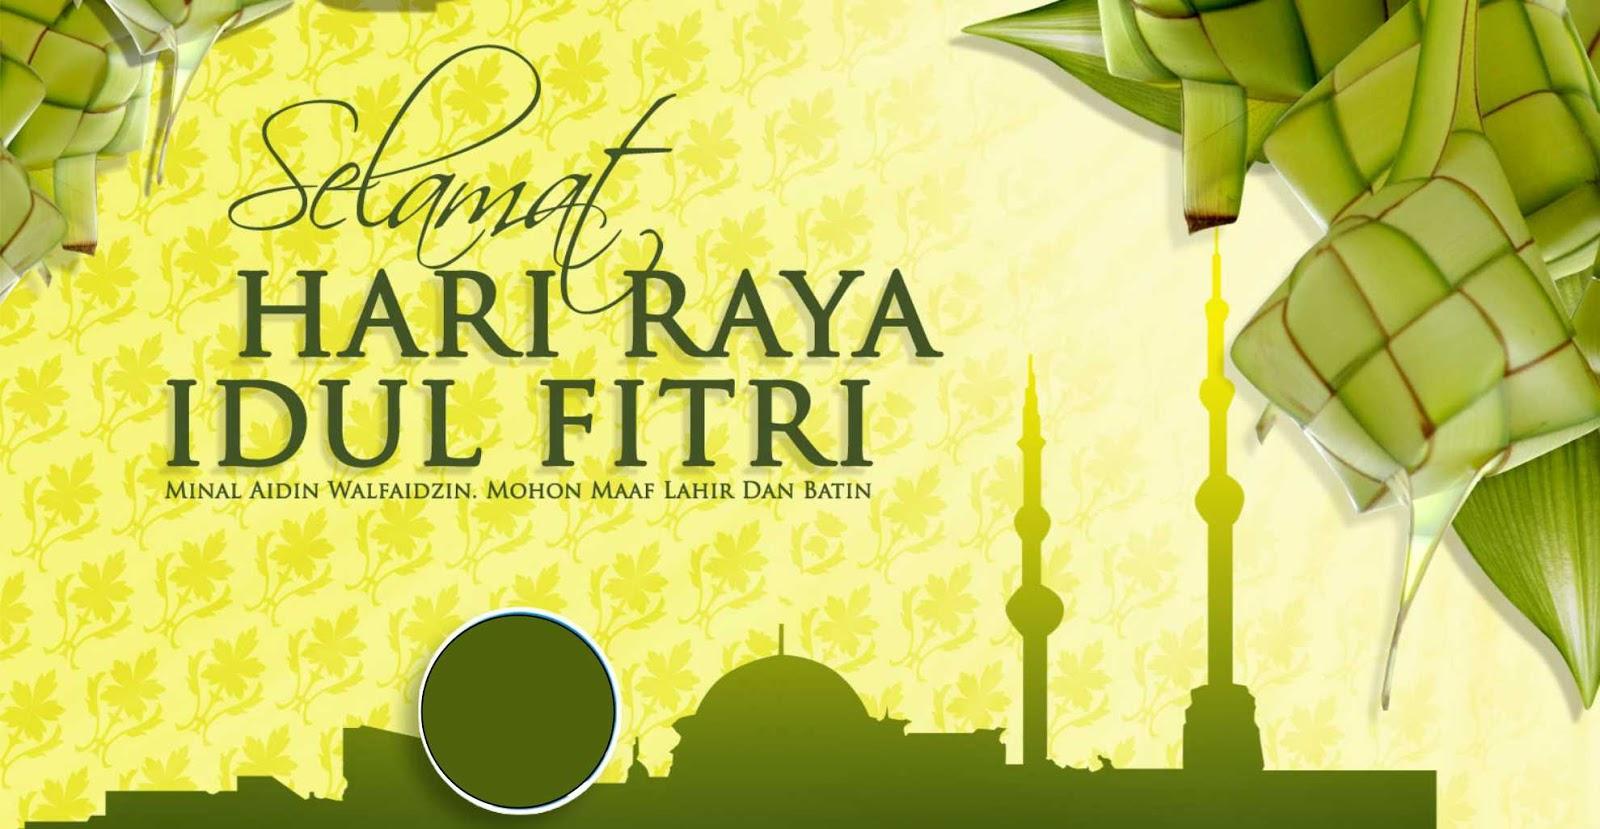 Desain Ucapan Selamat Idul Fitri Romeltea Media